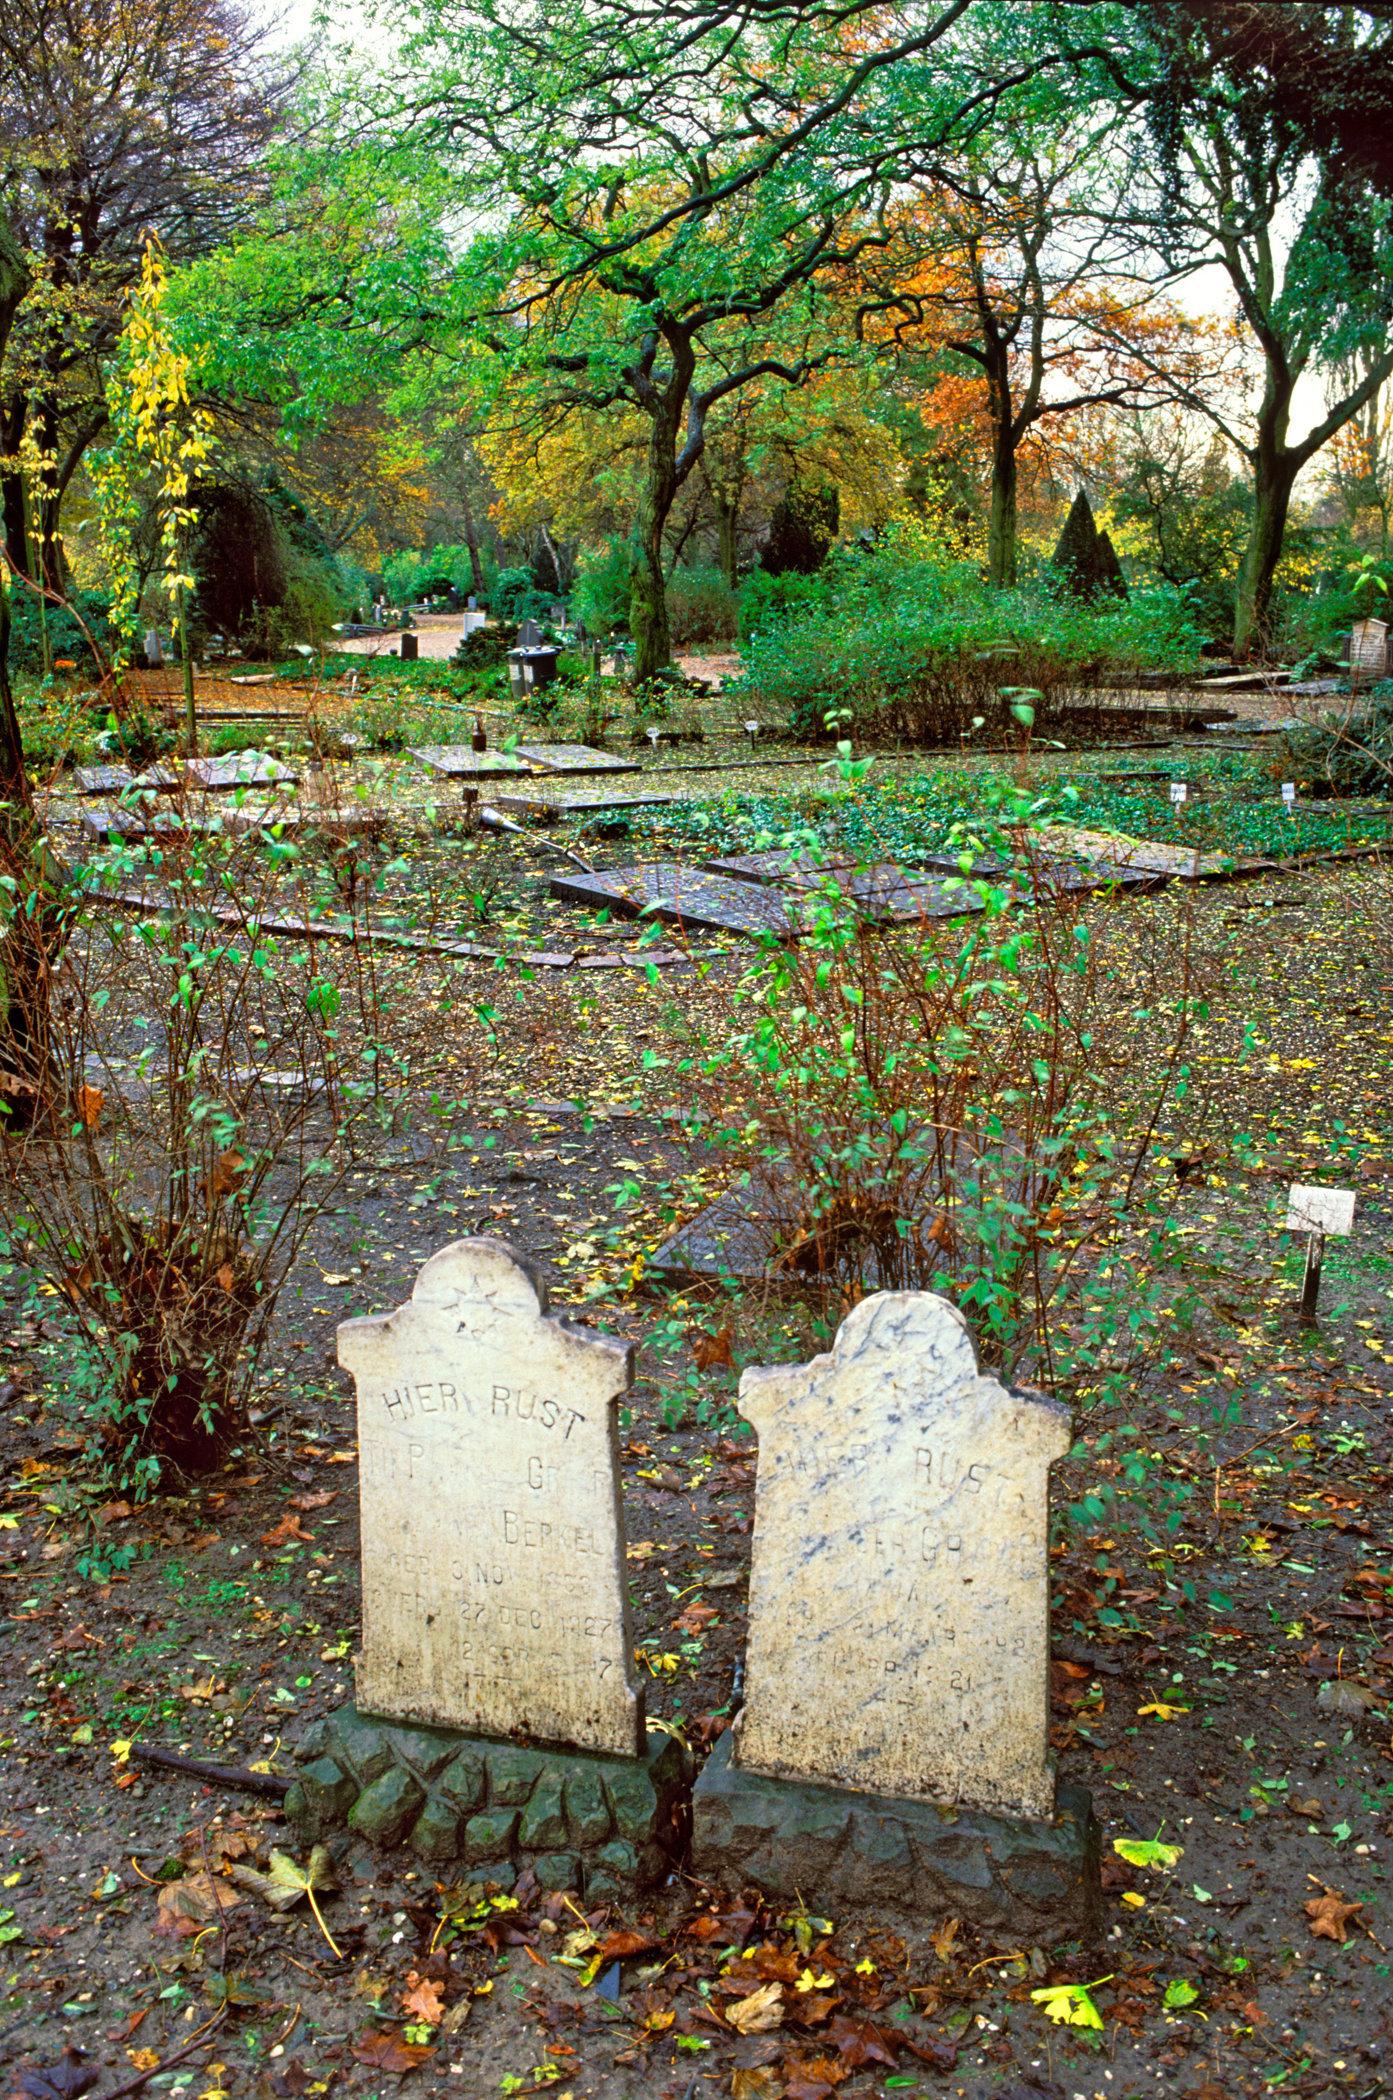 Algemene Begraafplaats Crooswijk, Rotterdam for book: De Stad en de Dood